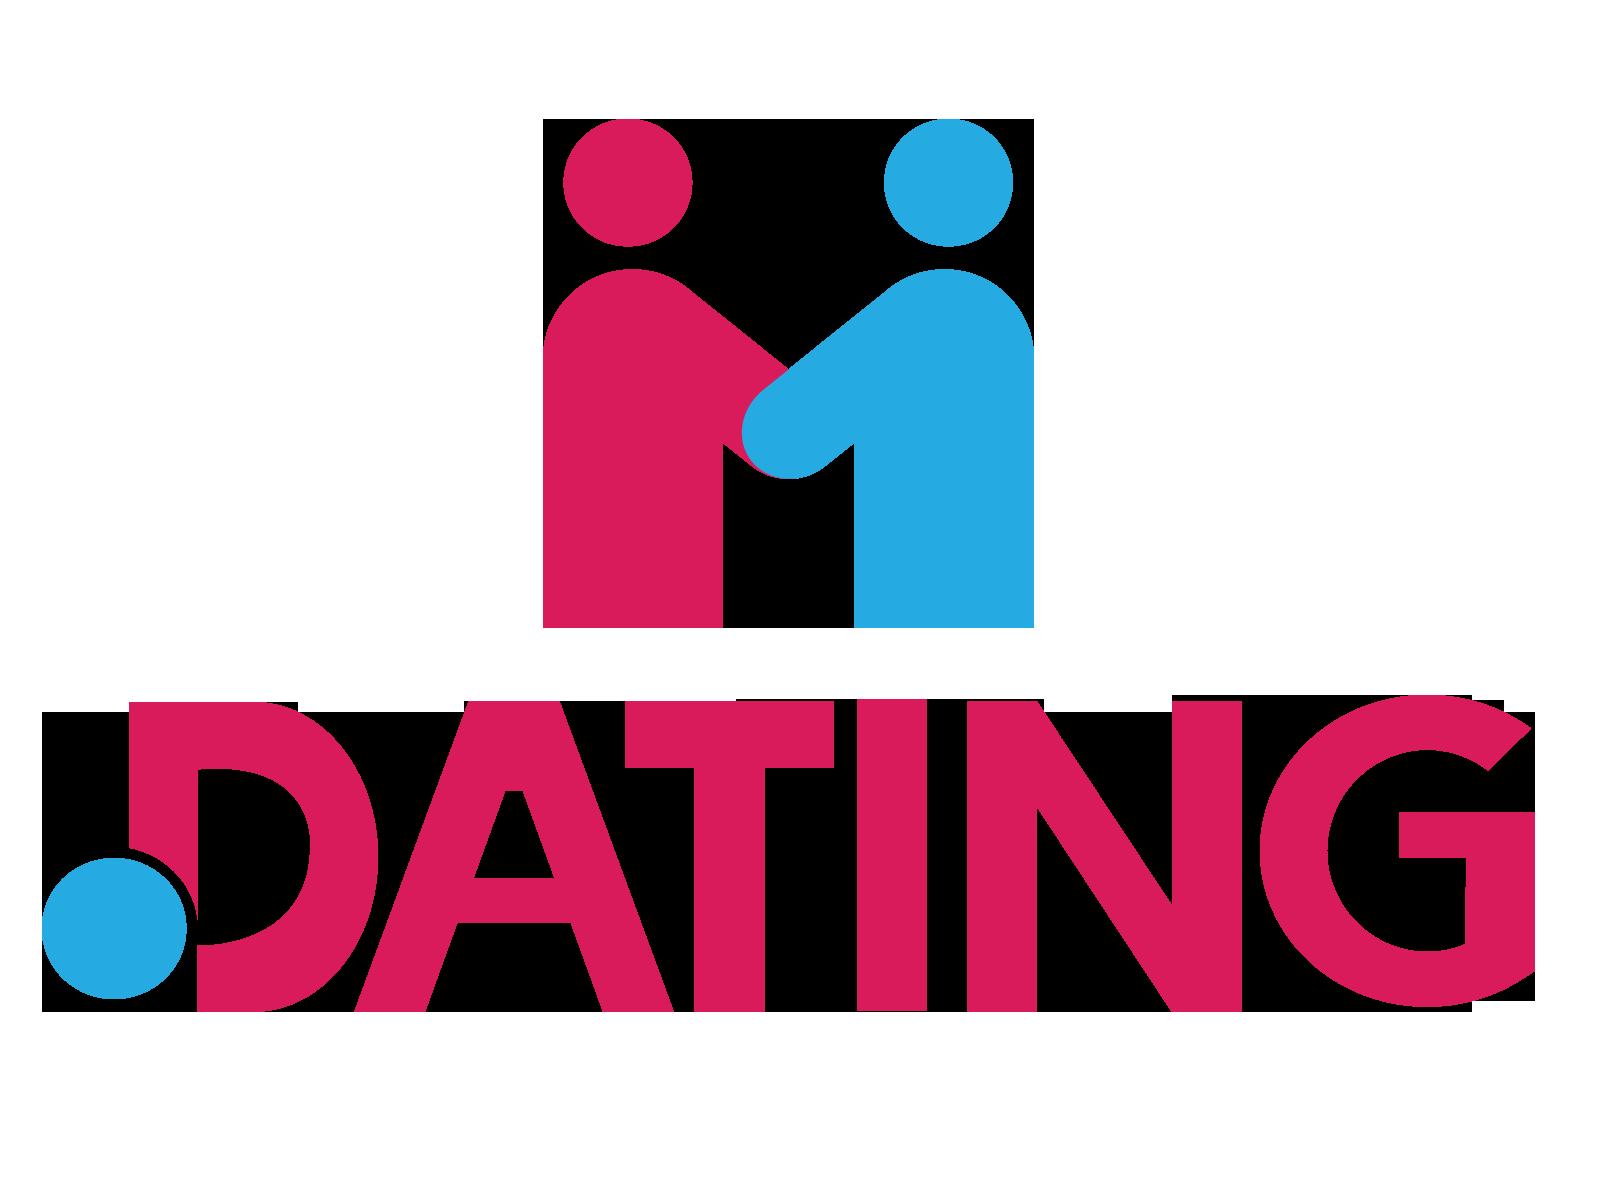 ارقام و طلبات رجال و شباب اغنياء اثرياء للزواج 2019 و 2020 ارقام شباب و رجال حول العالم اغنياء اثرياء